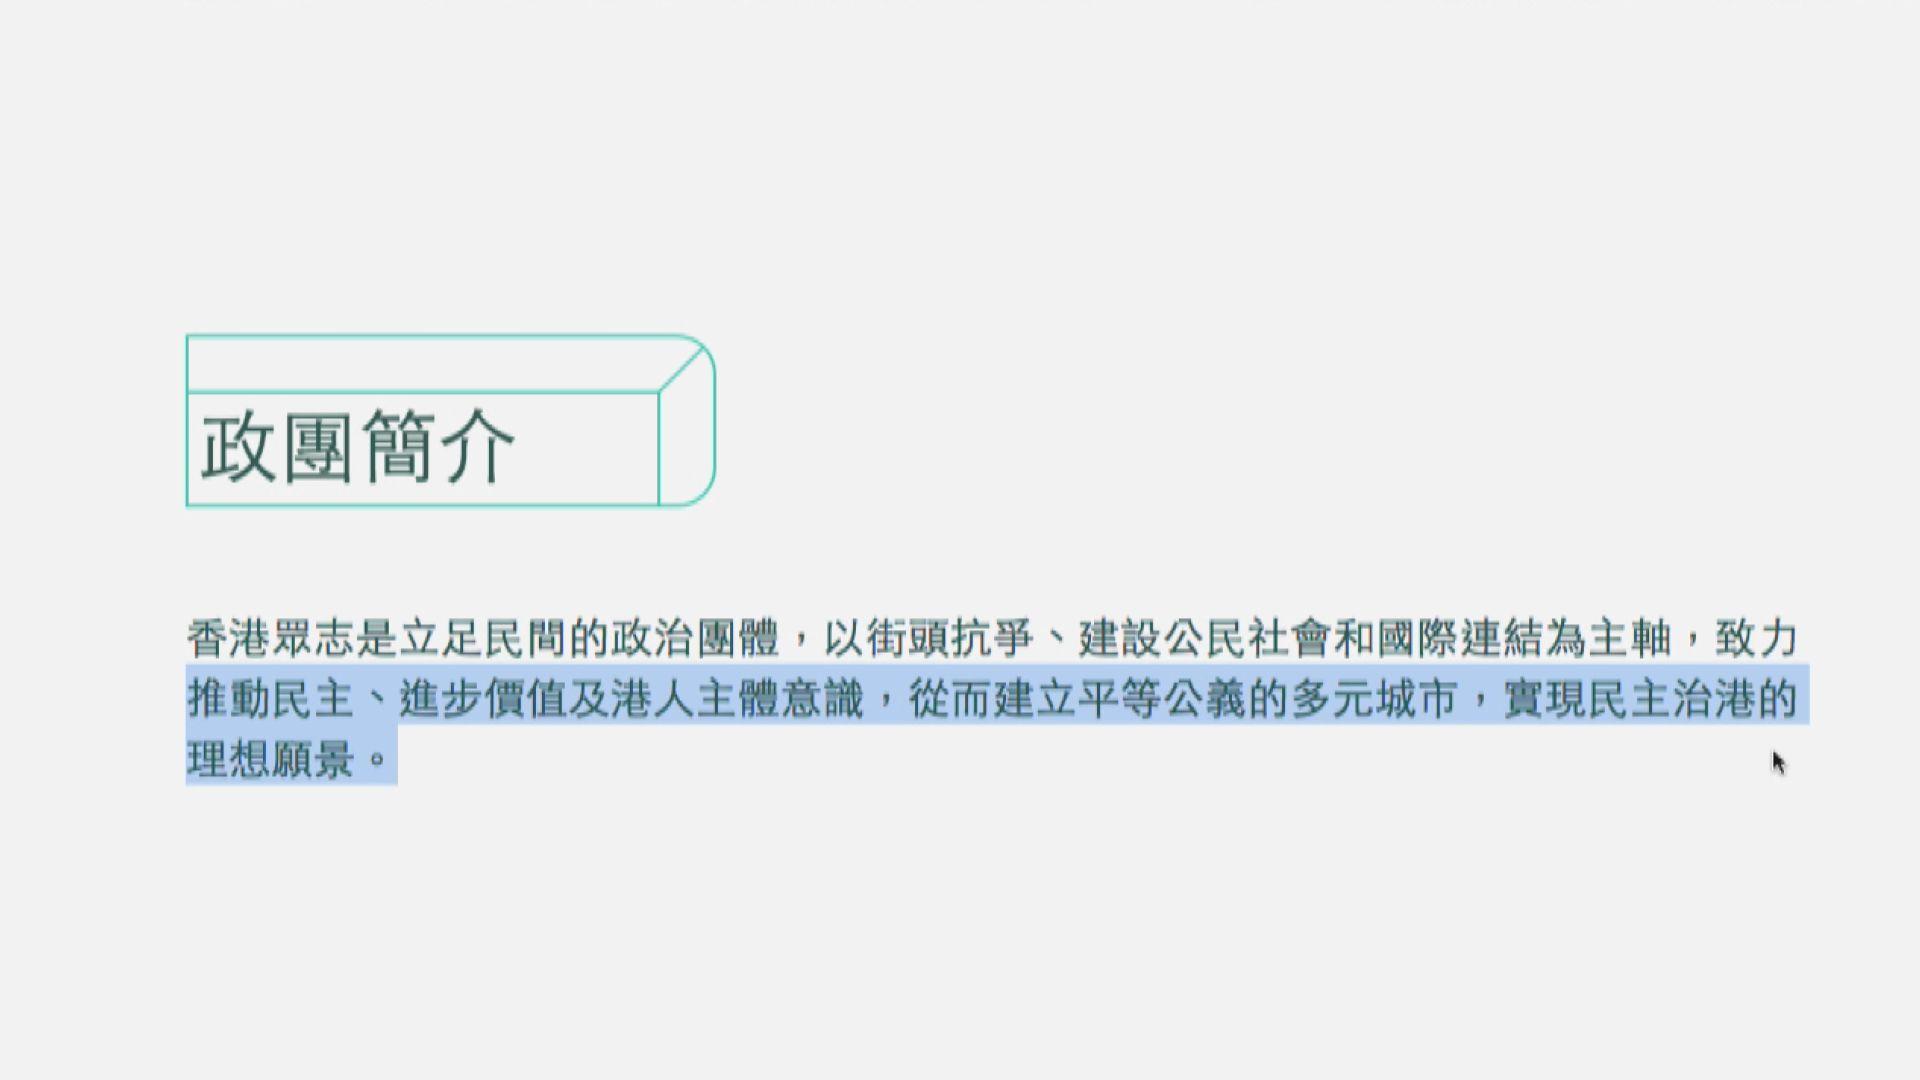 香港眾志放棄以推動民主自決為宗旨